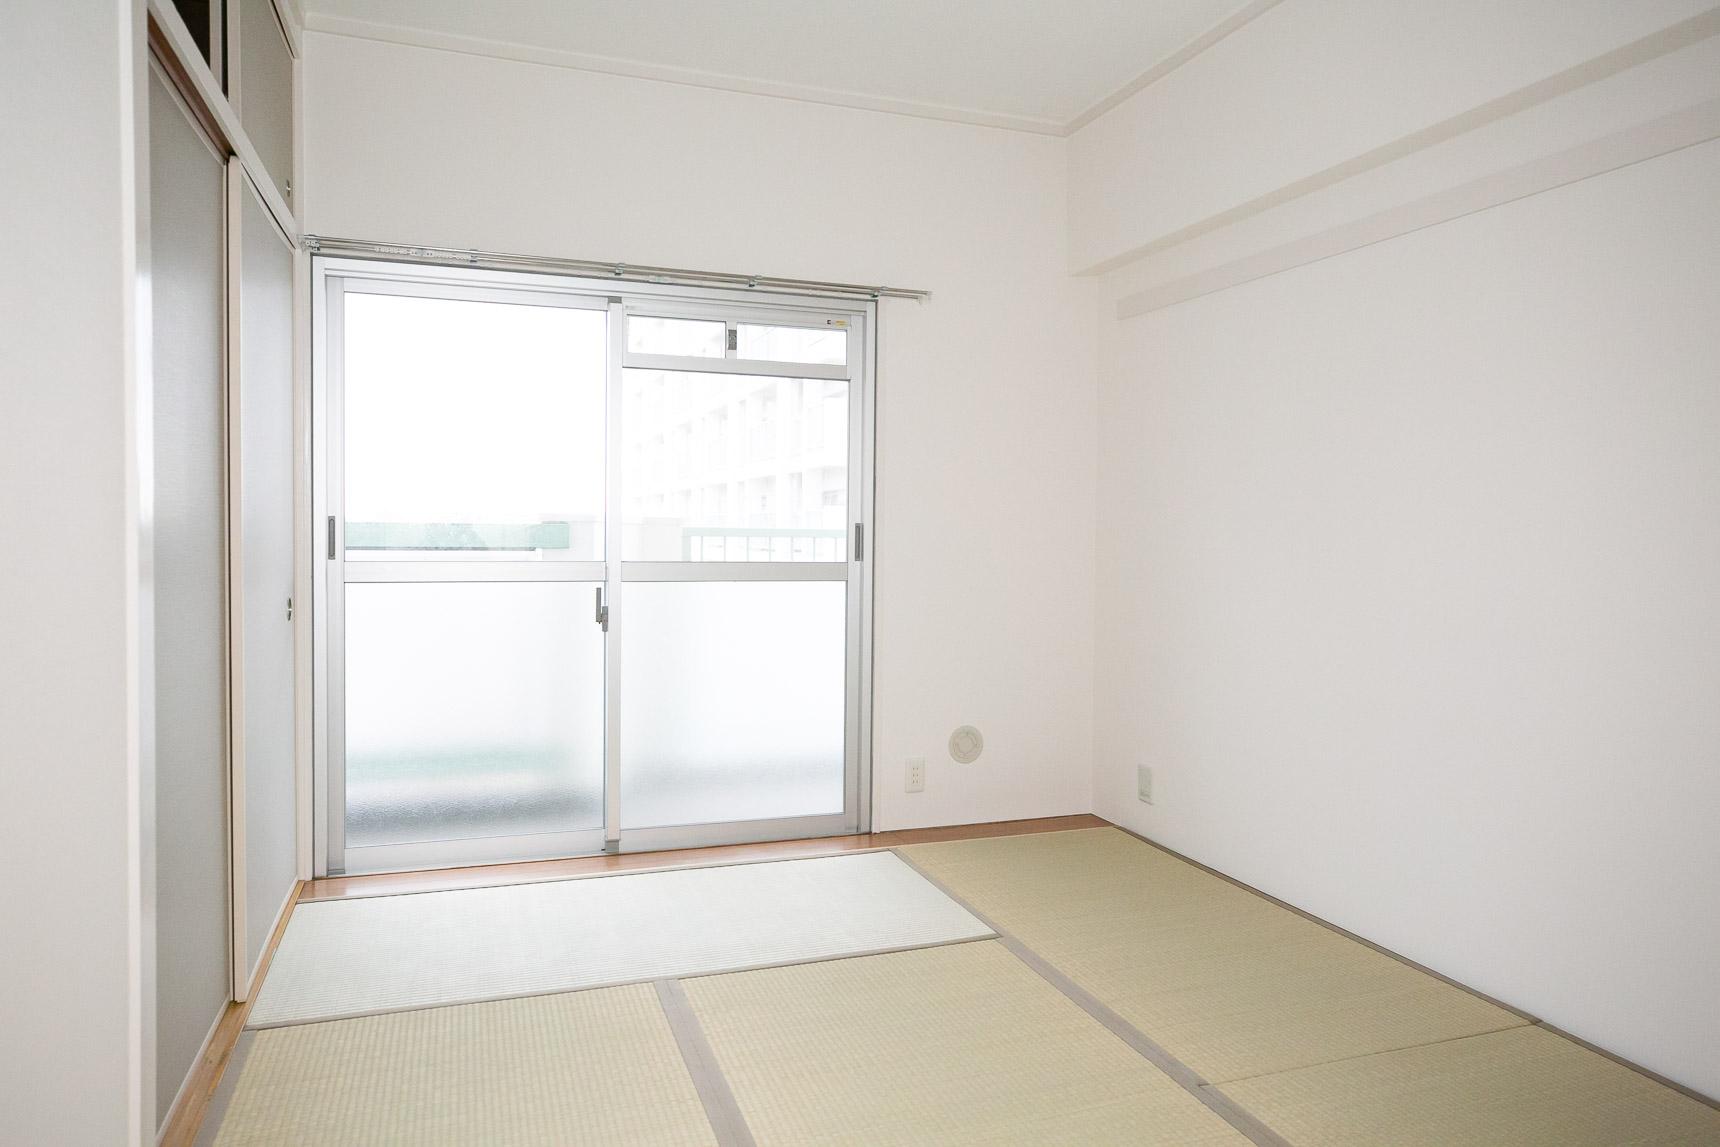 先ほどのお部屋の広々のリビングも良かったですが、こちらの6畳の和室も明るく、なんとも落ち着く空間でした。ここにコタツを置いてまったりするのも良さそうだな。